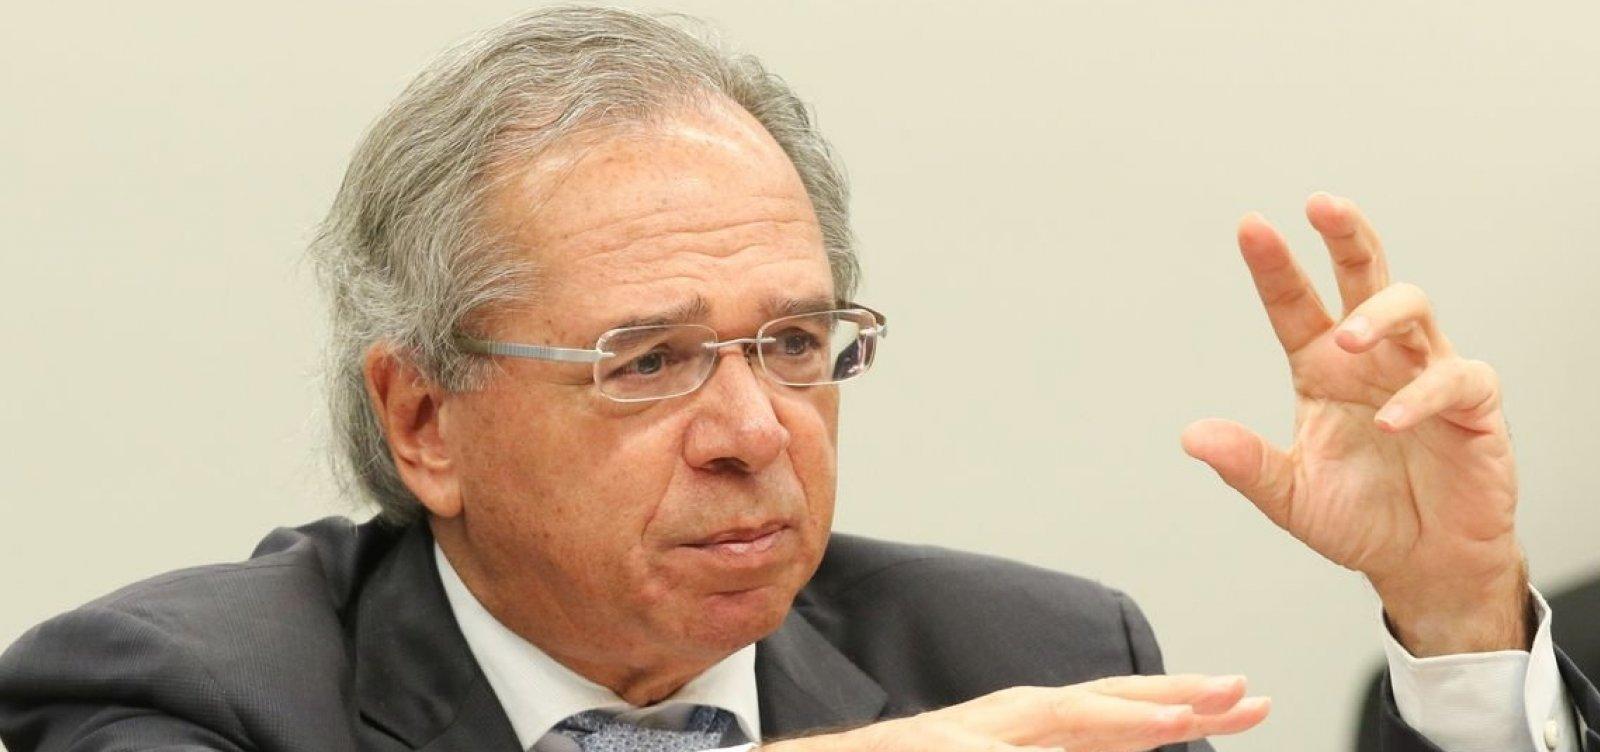 Brasil está oficialmente saindo da recessão, diz Guedes